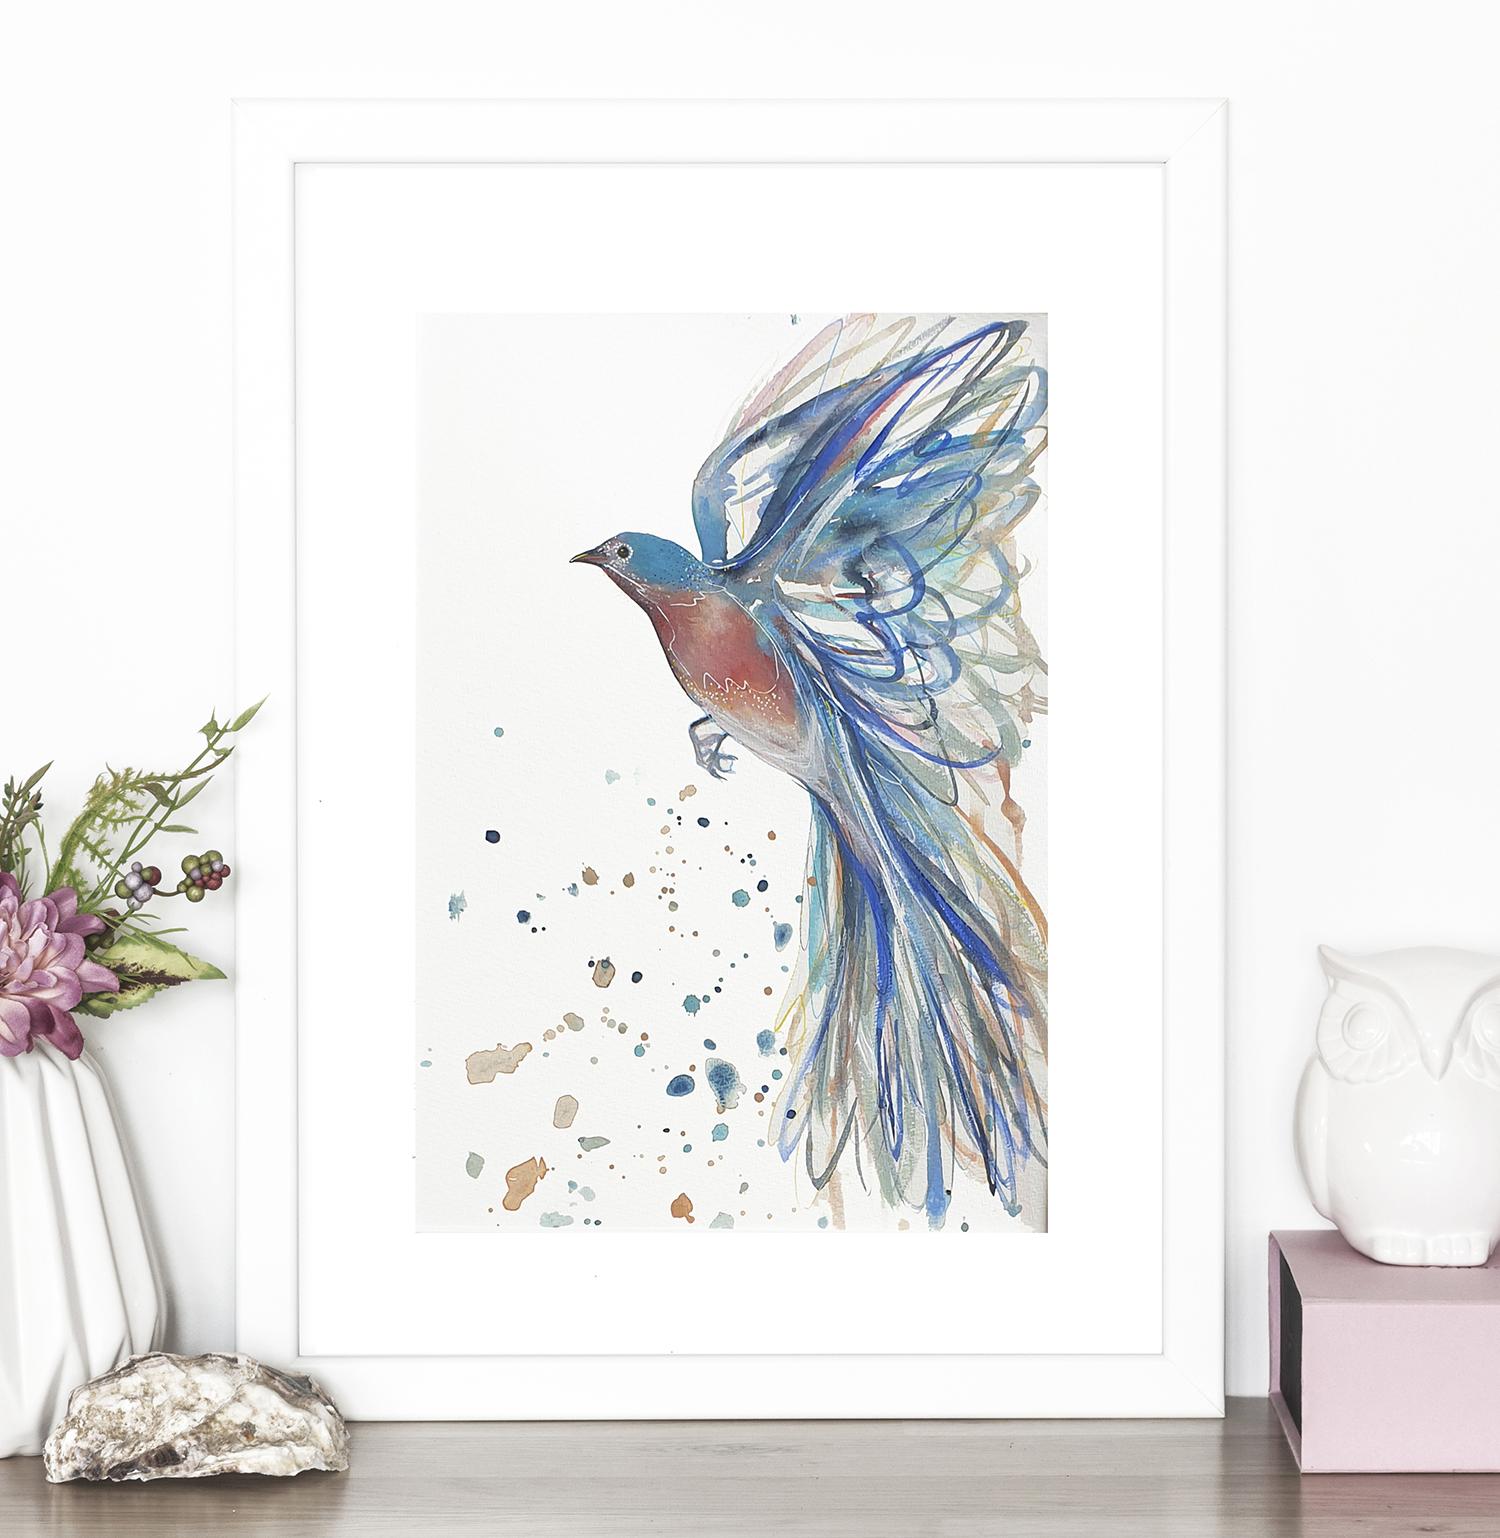 Bluebird In Flight Leni Kae Interior Design Watercolour Painting Original Square